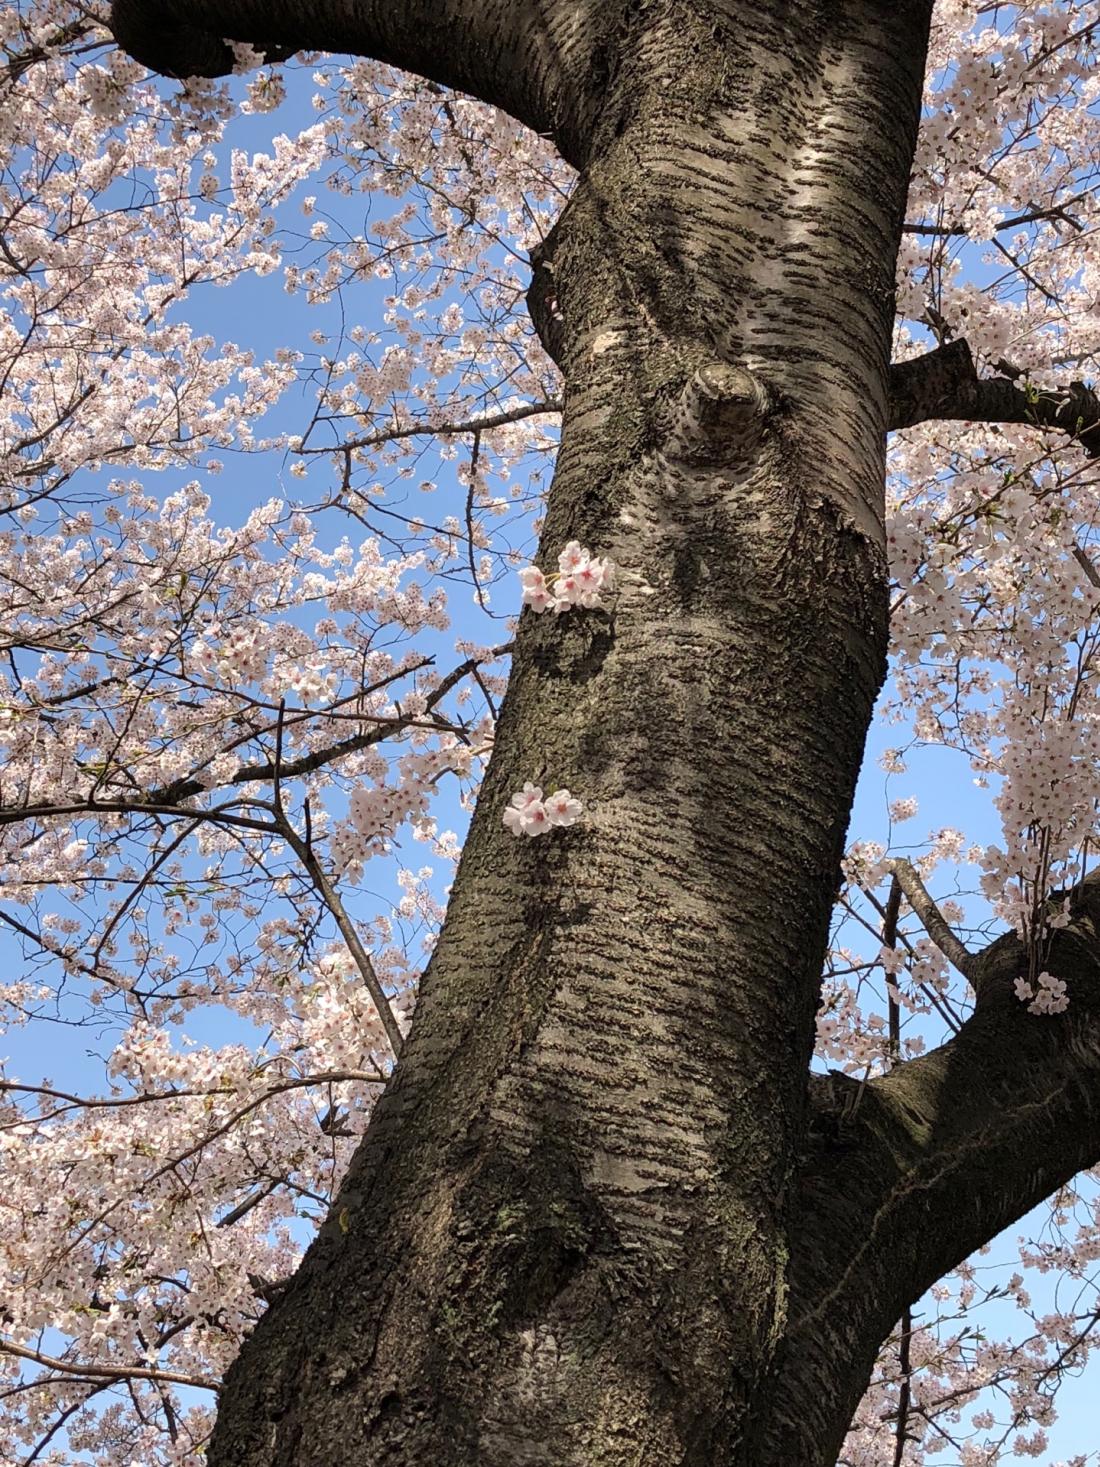 清一色的粉色櫻花